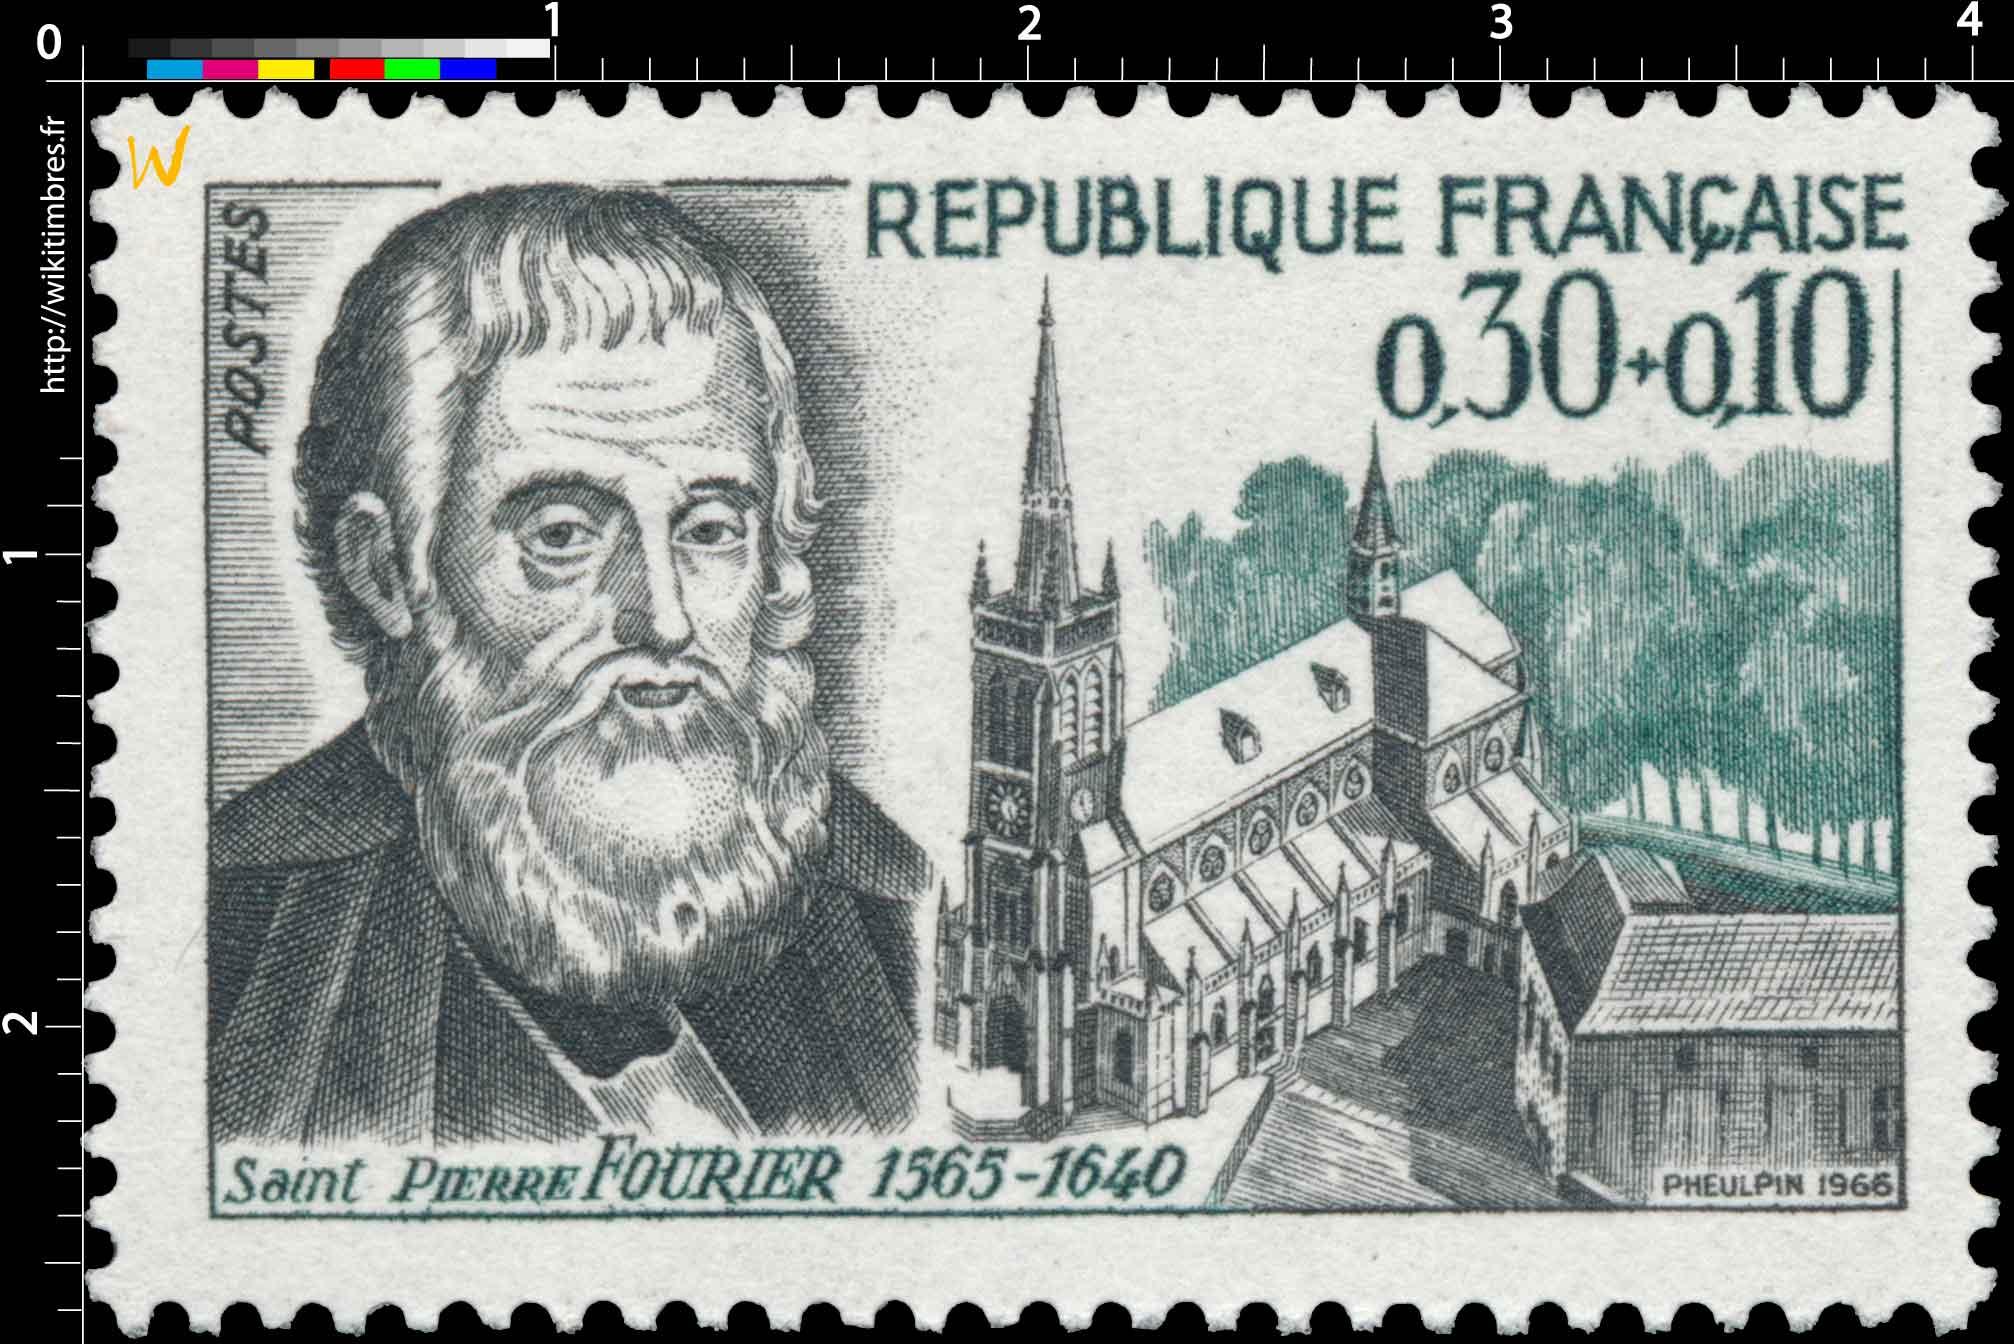 1966 Saint PIERRE FOURIER 1565-1640